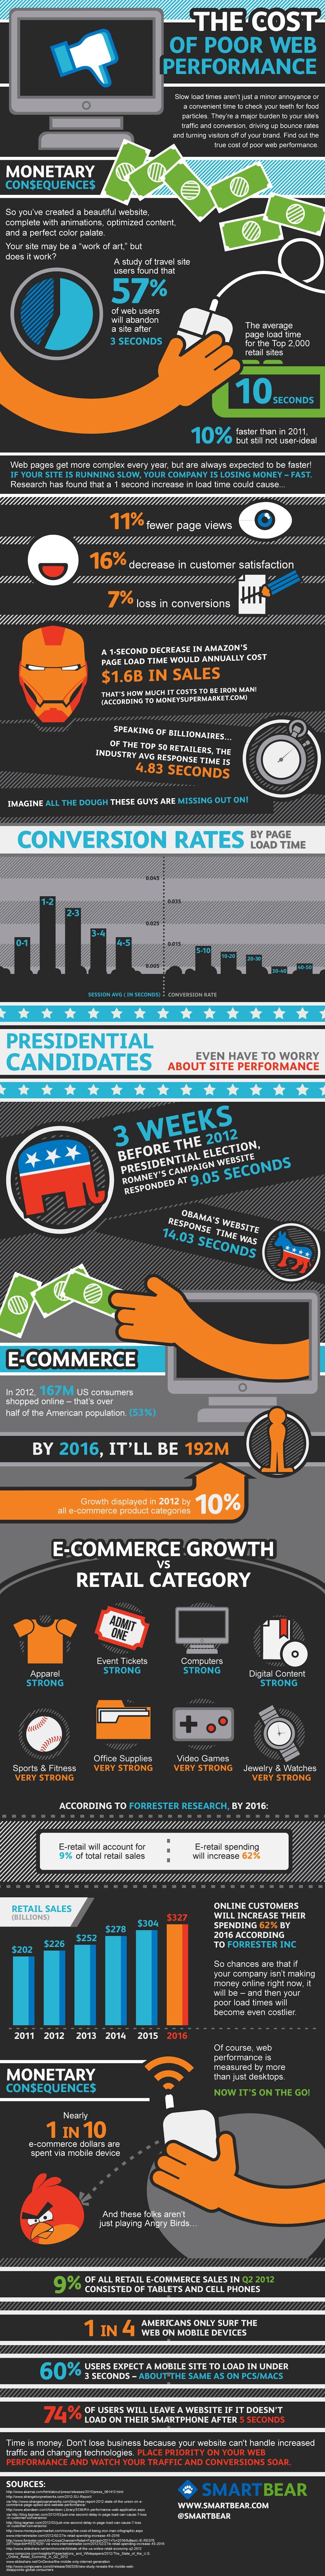 El 57% de los usuarios tiende a abandonar las páginas web si éstas tardan más de 3 segundos en cargarse